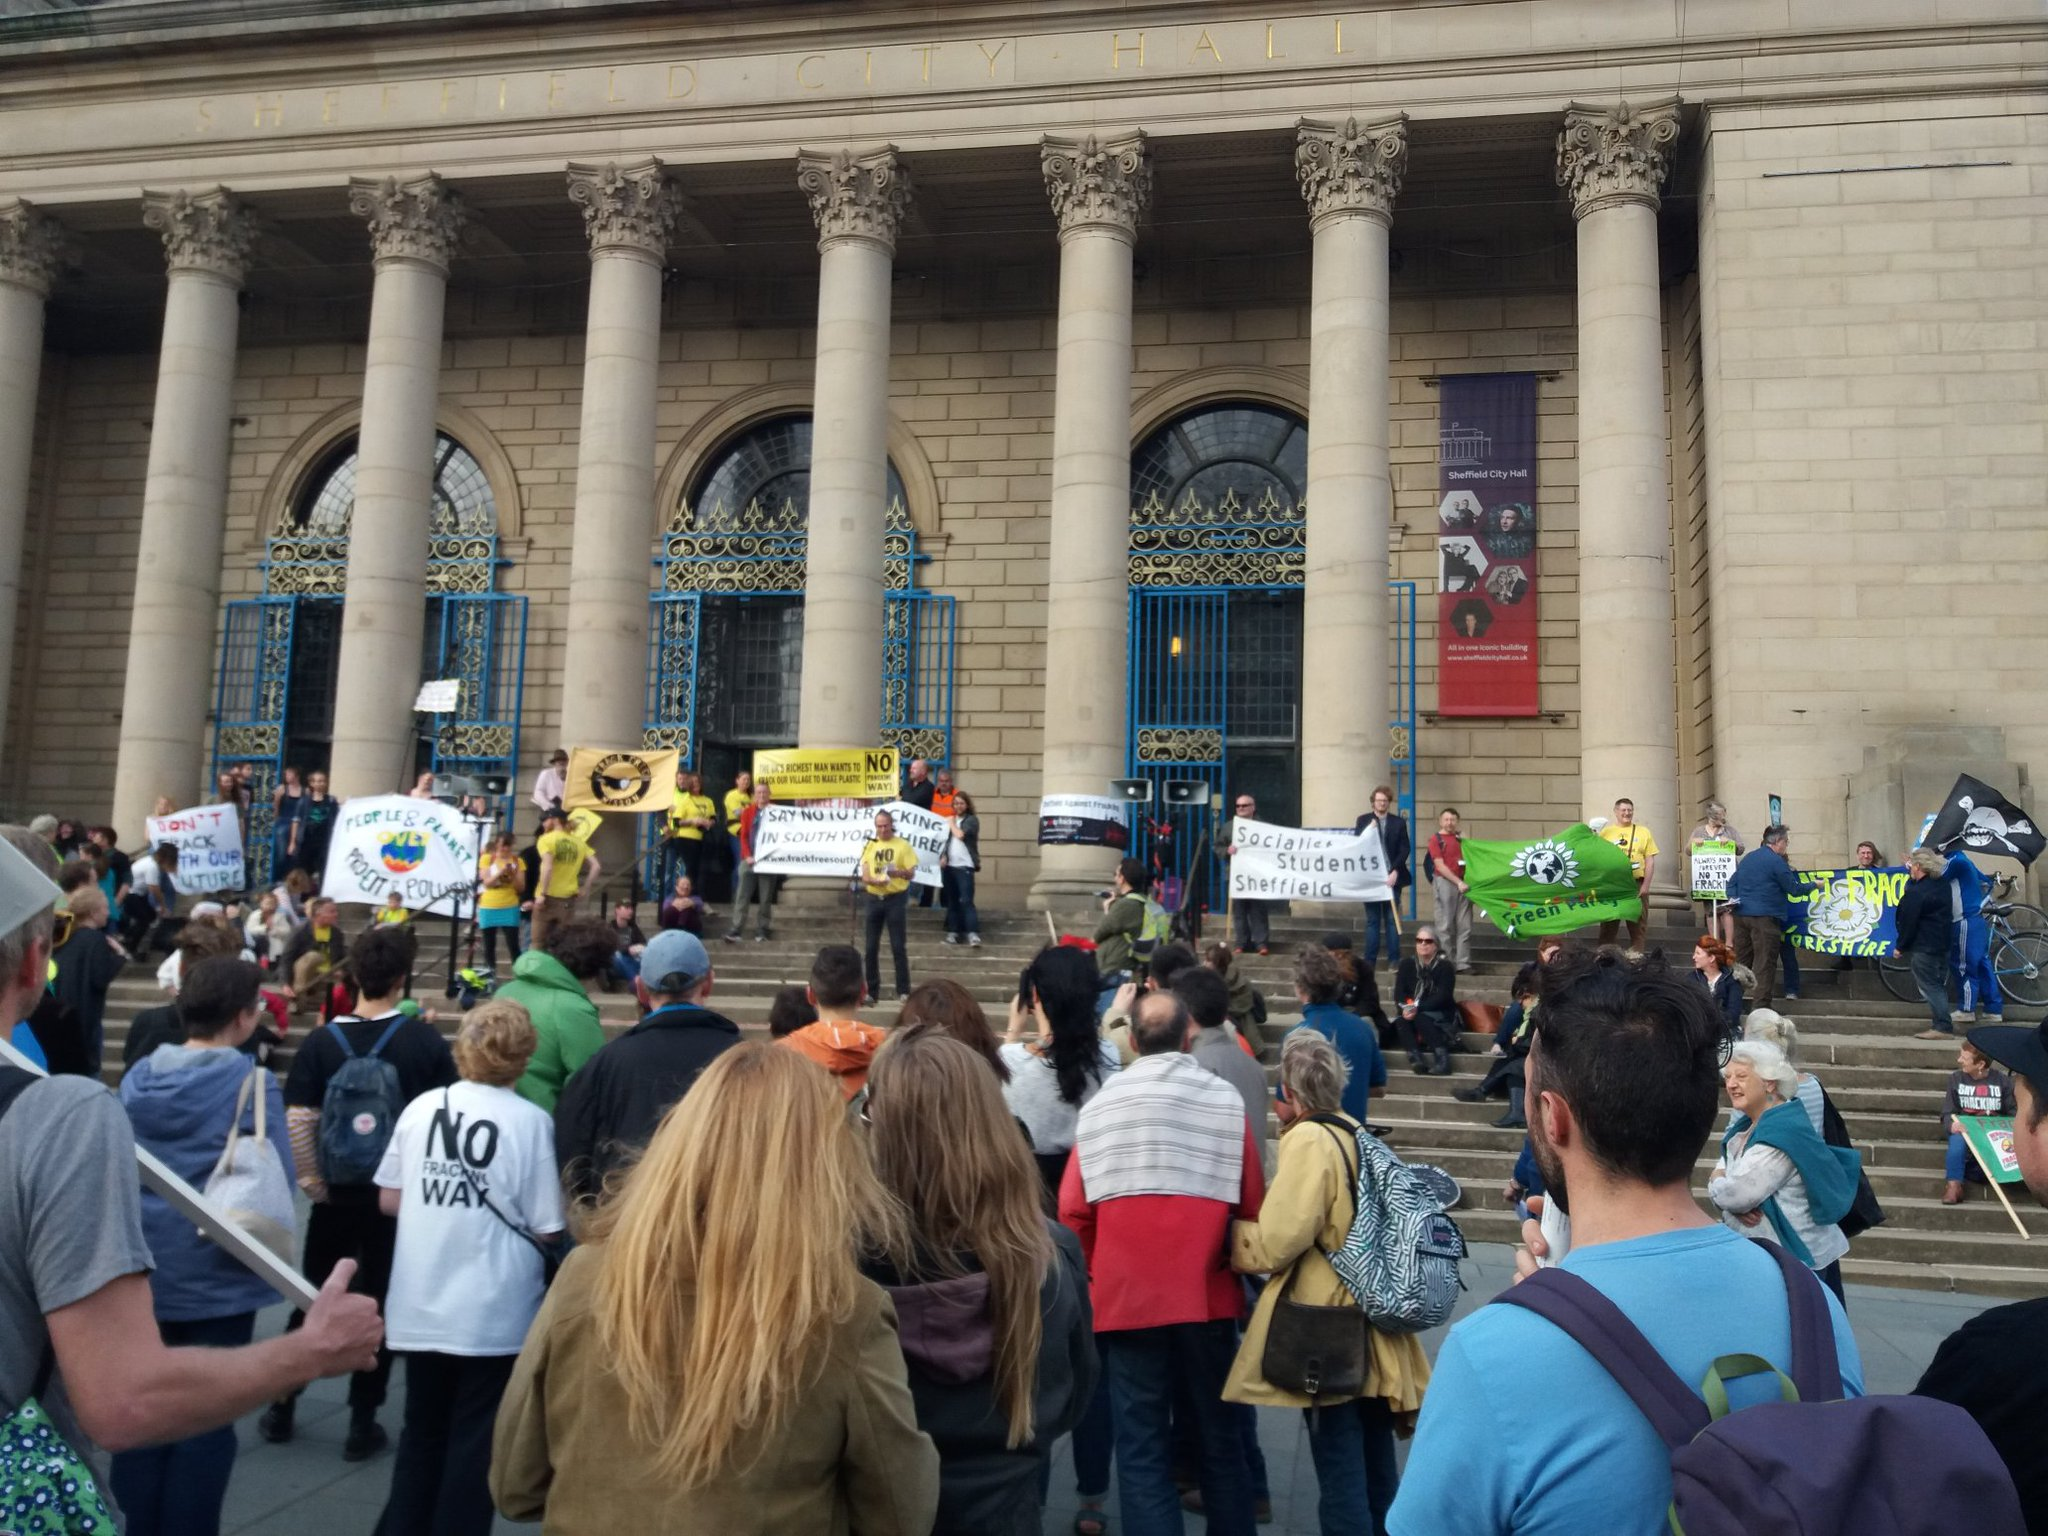 Woodsetts Against Fracking On Twitter Crowds And Samba In Sheffield Frackdowncarnival Gasdownfrackdown Reclaimpower